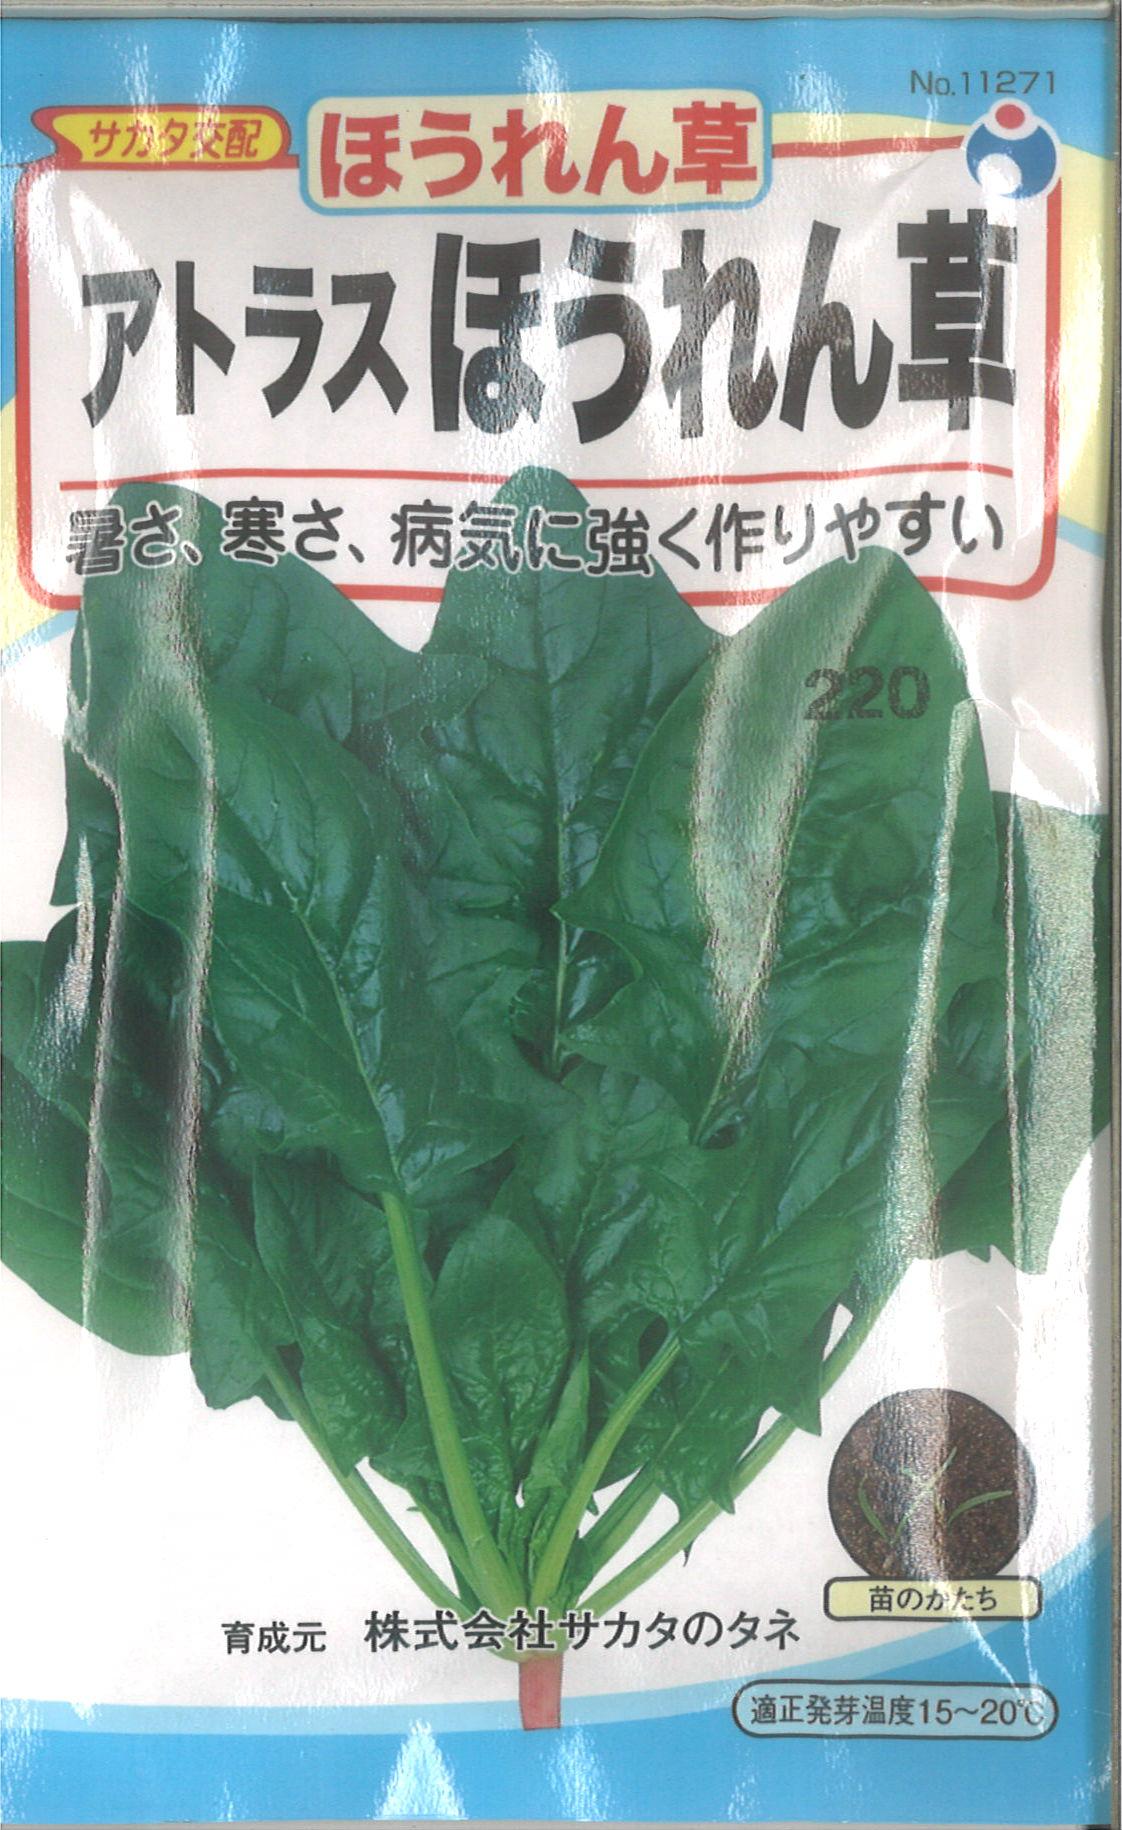 【代引不可】【5袋まで送料80円】 □ ホウレンソウ アトラスほうれん草